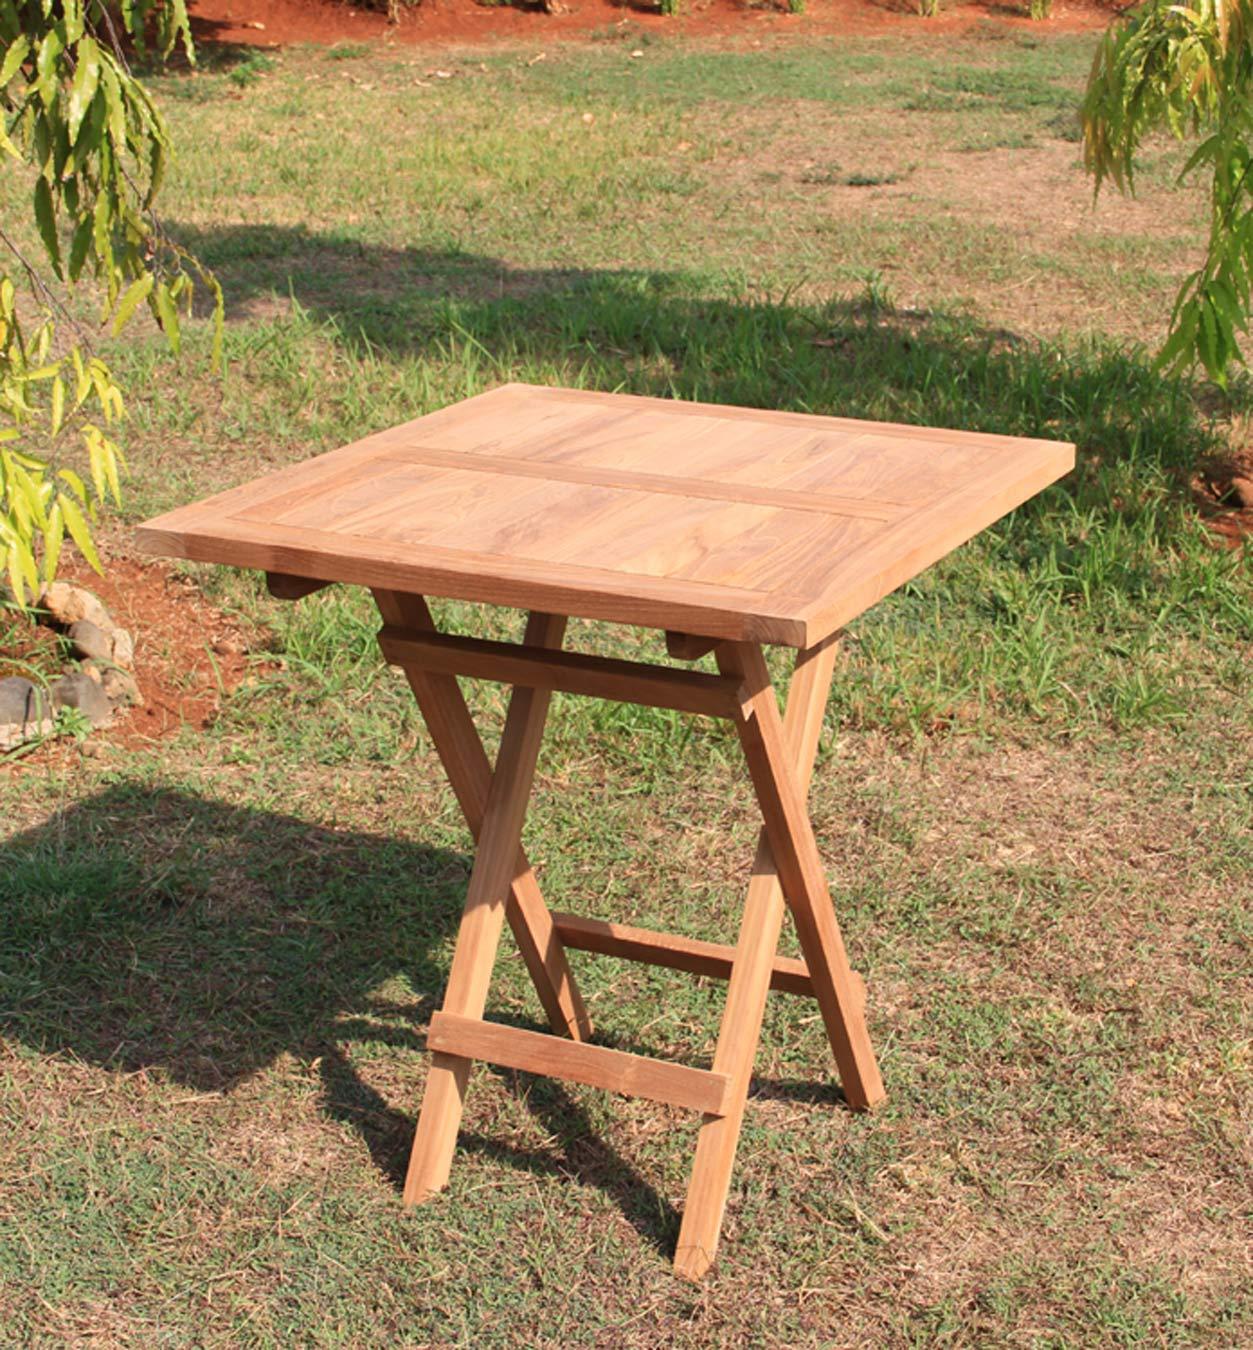 Gartentisch Holz 70x70 Gartentisch Klappbar Holz Devries Teak